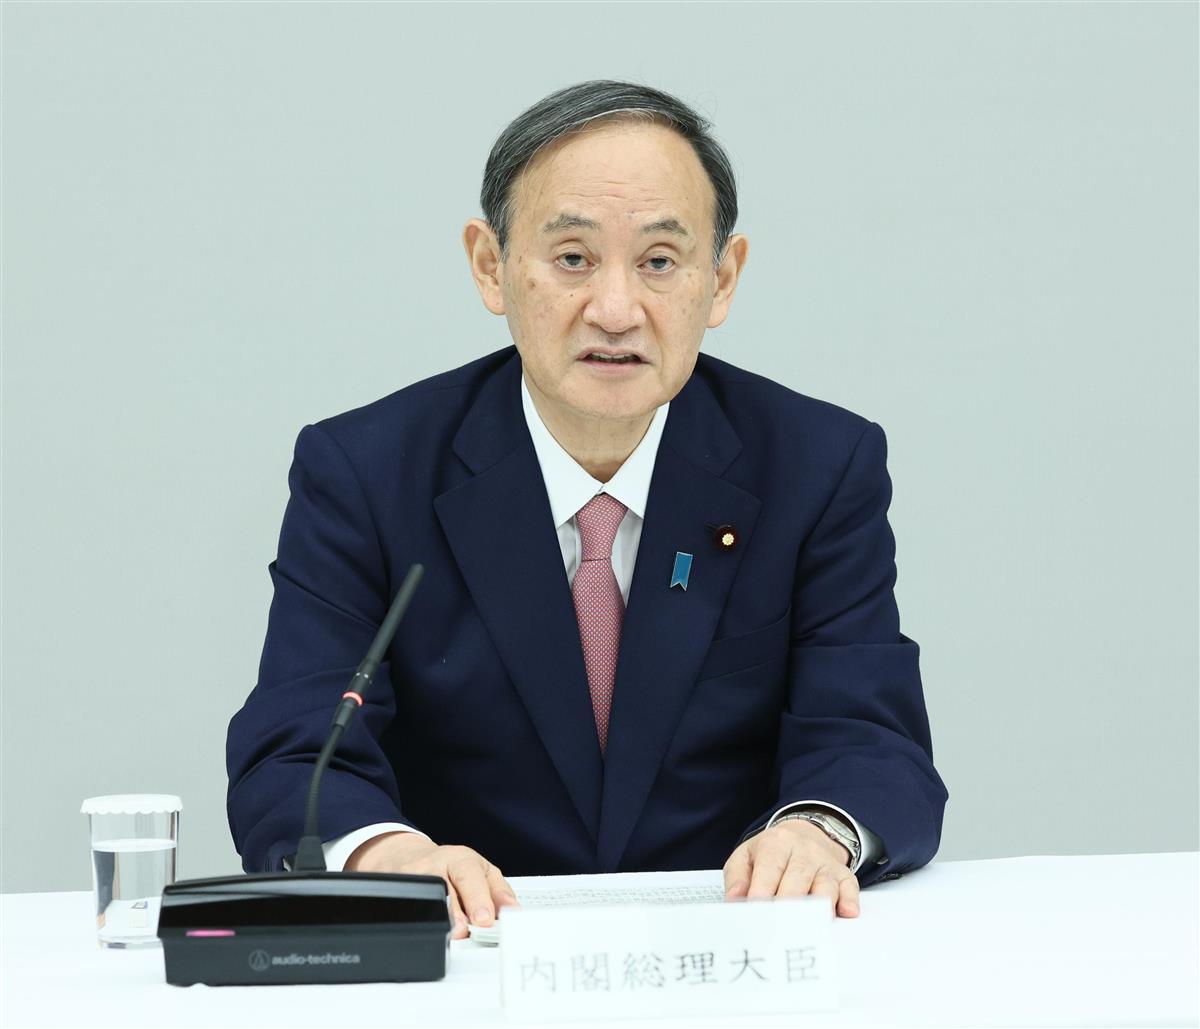 北海道、岡山、広島の3道県を緊急事態宣言に追加 対策本部、1…